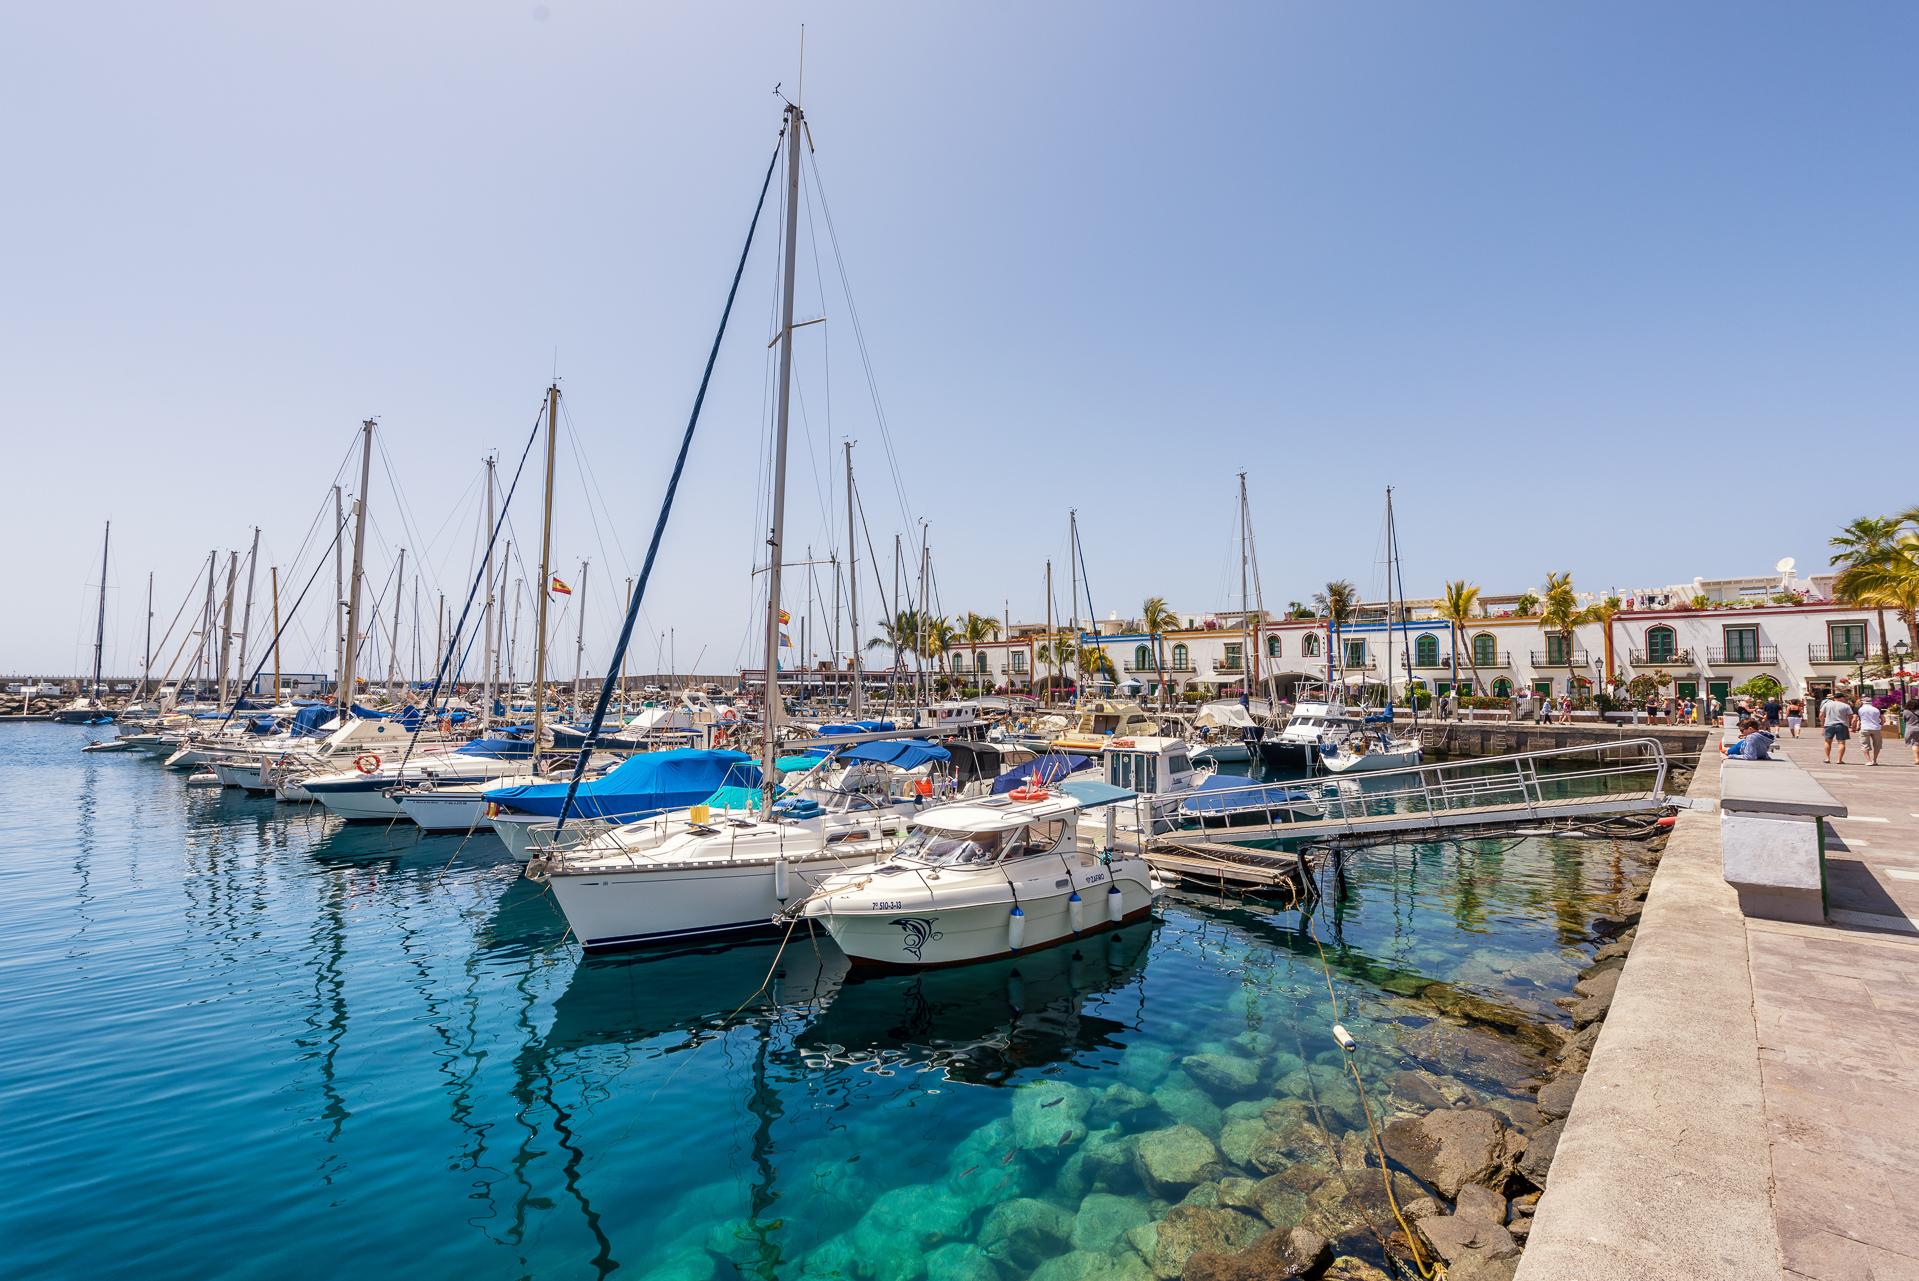 Der Hafen von Puerto de Mogán auf der Insel Gran Canaria in Spanien